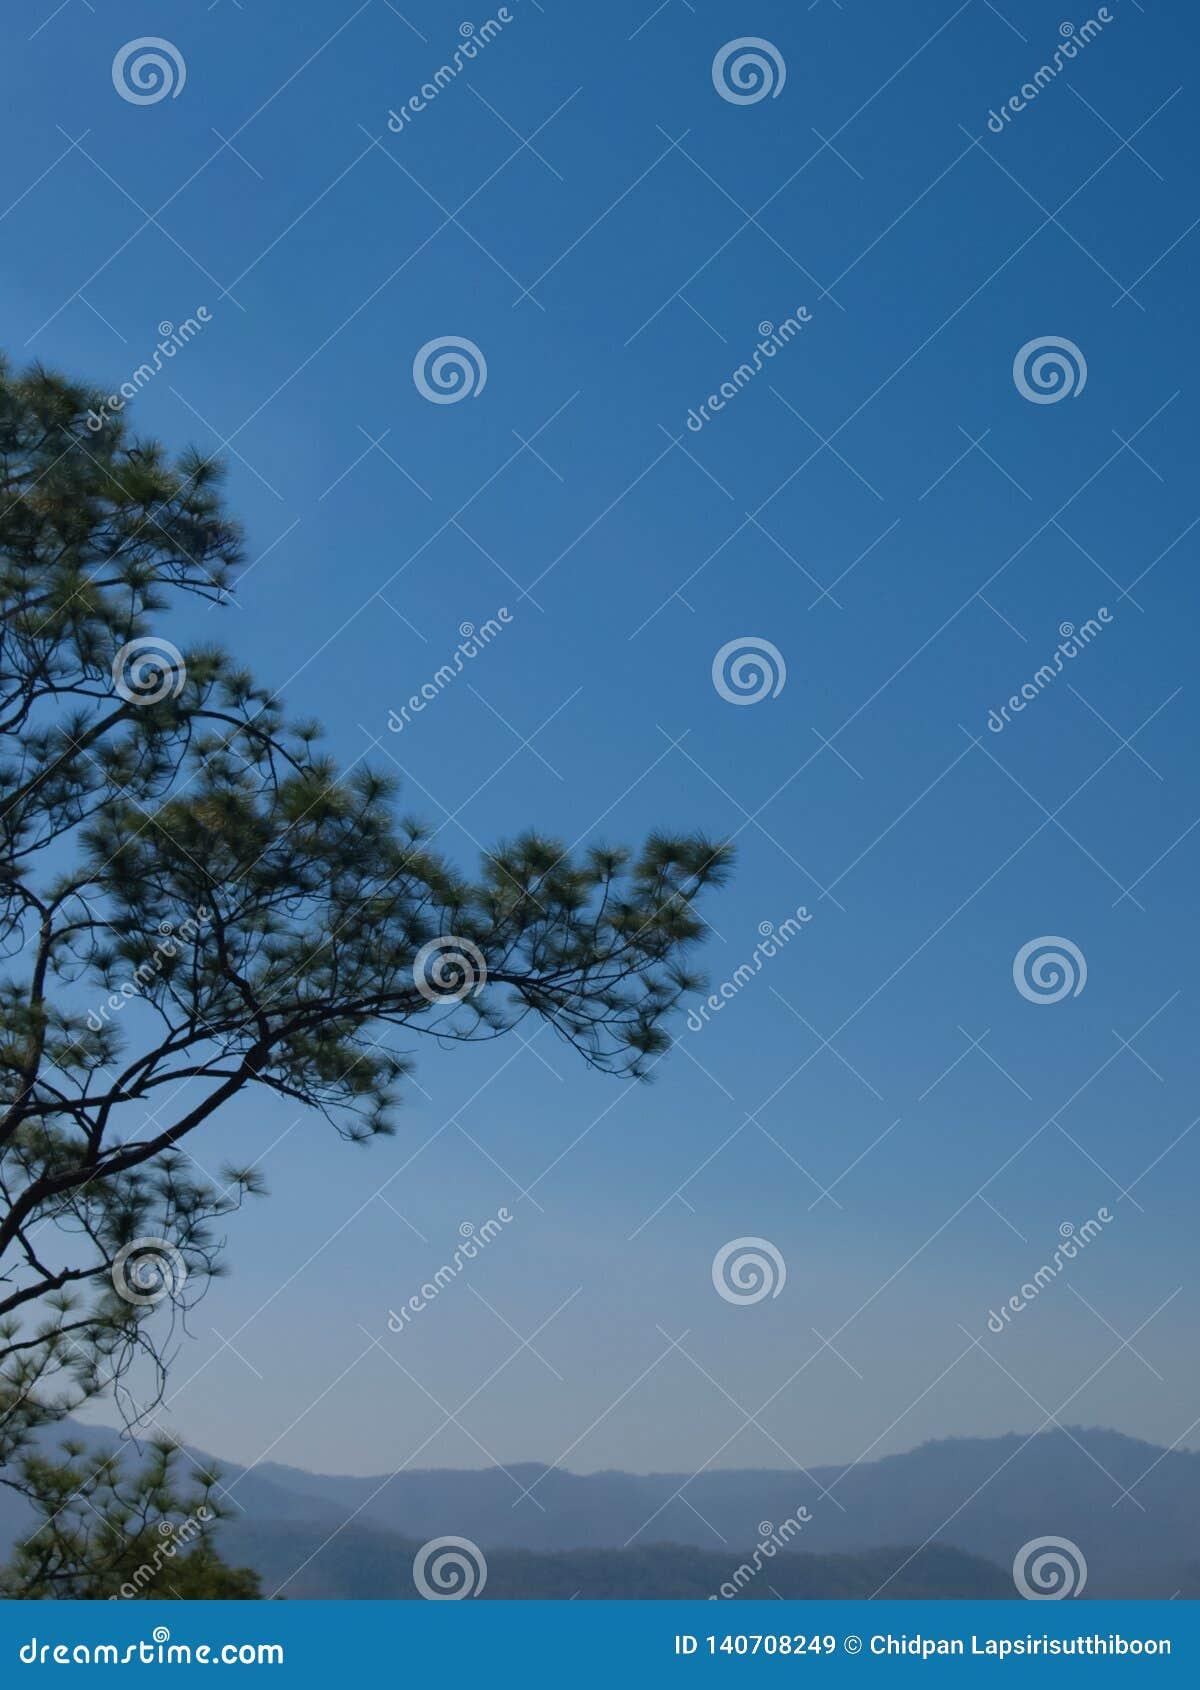 Pinheiros no fundo da montanha e céu azul brilhante em um dia sem nuvens para o fundo natural